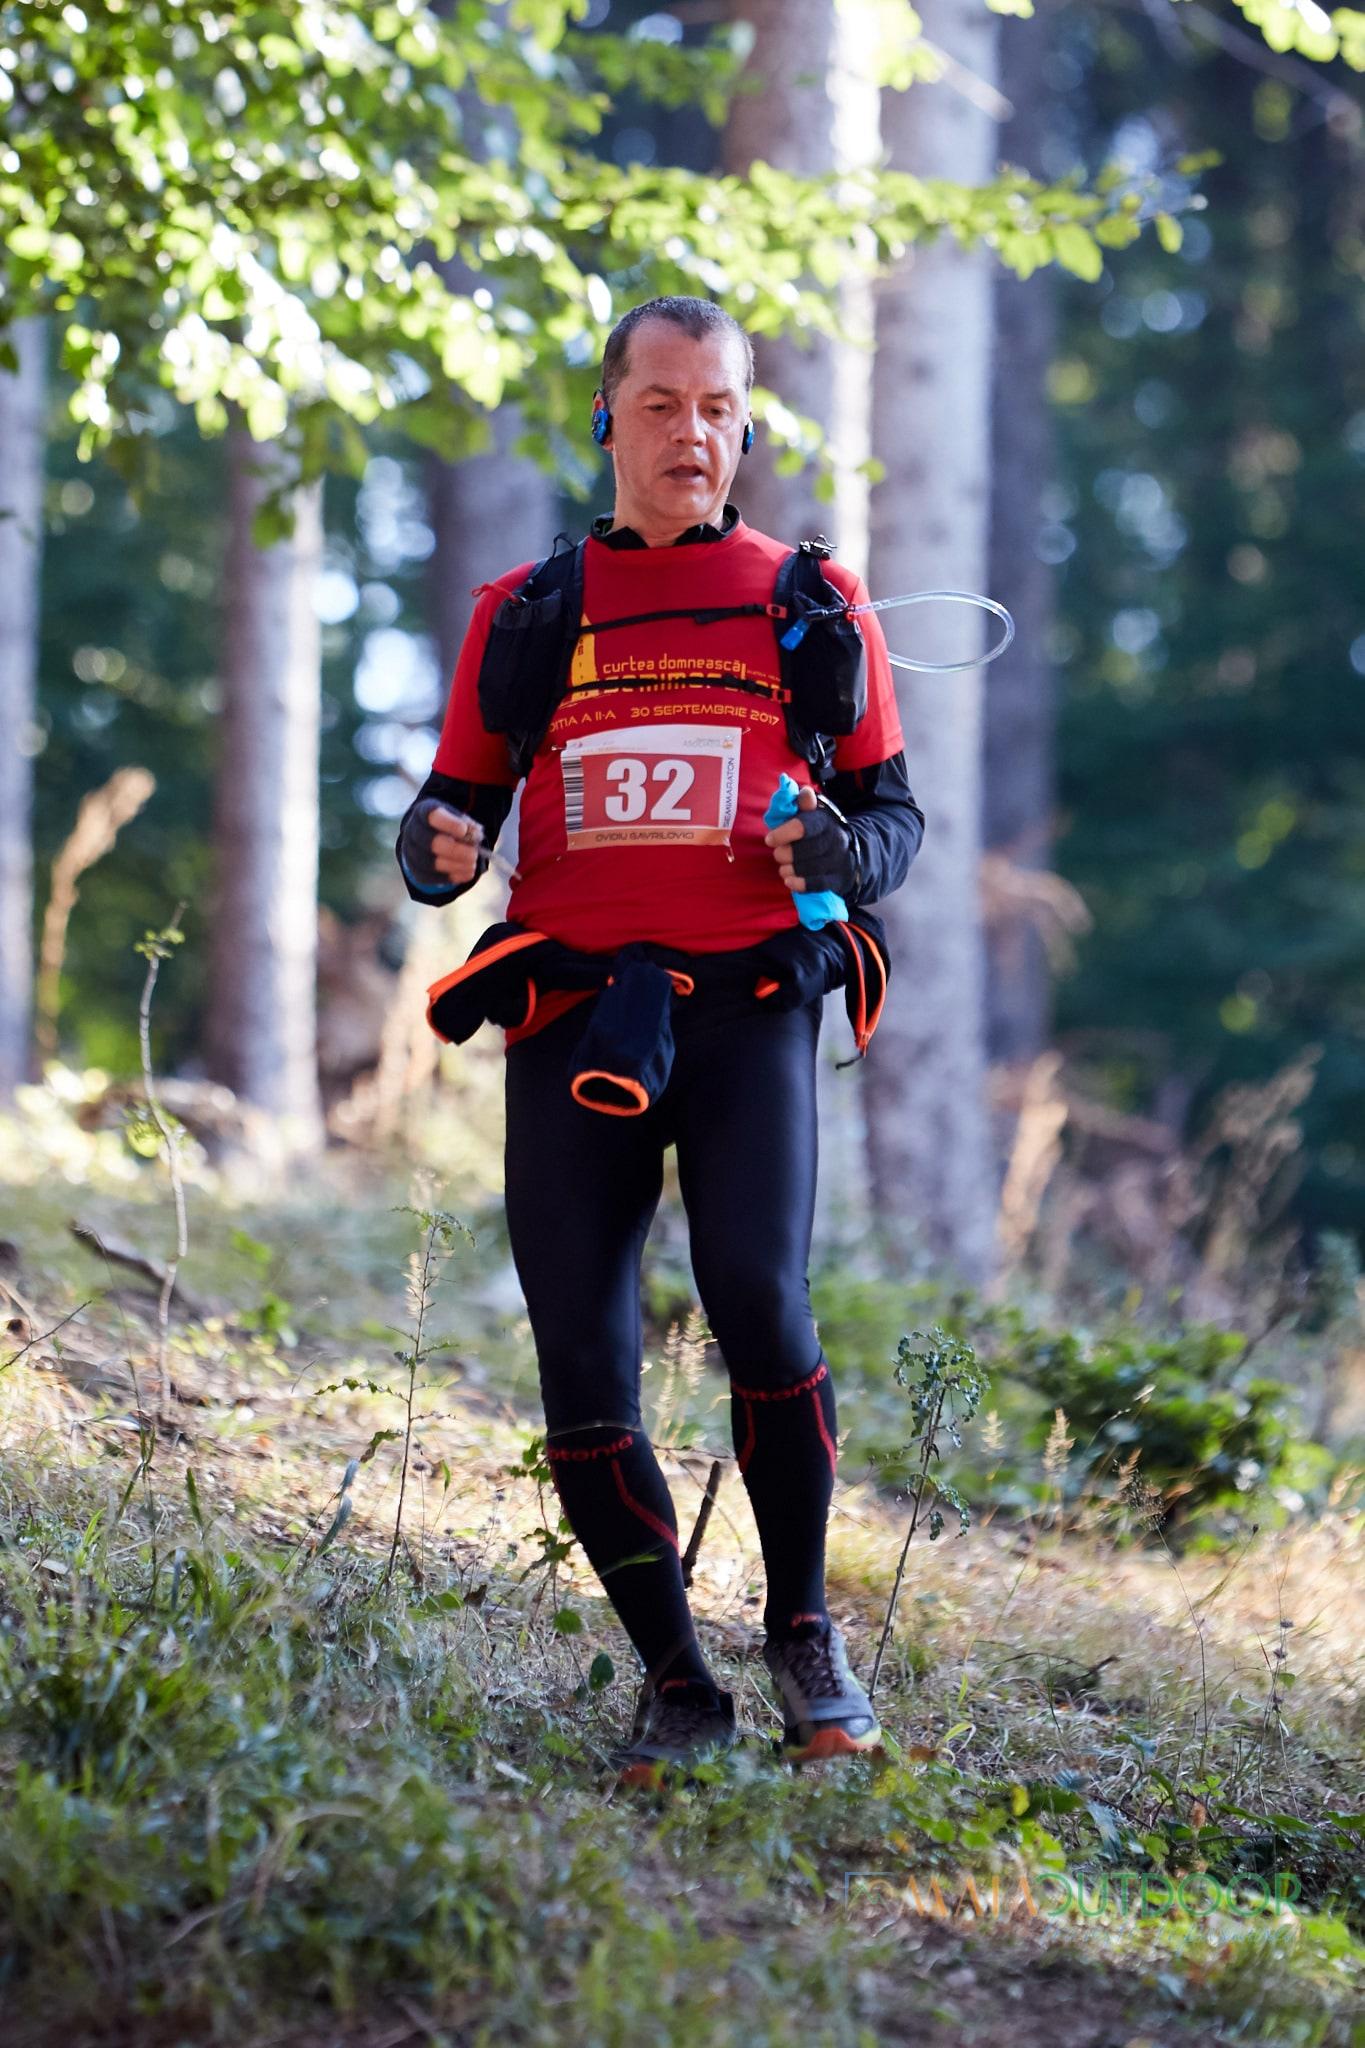 Semimaraton_Curtea_Domneasca_MaiaOutdoor.ro_IMG_5995-min